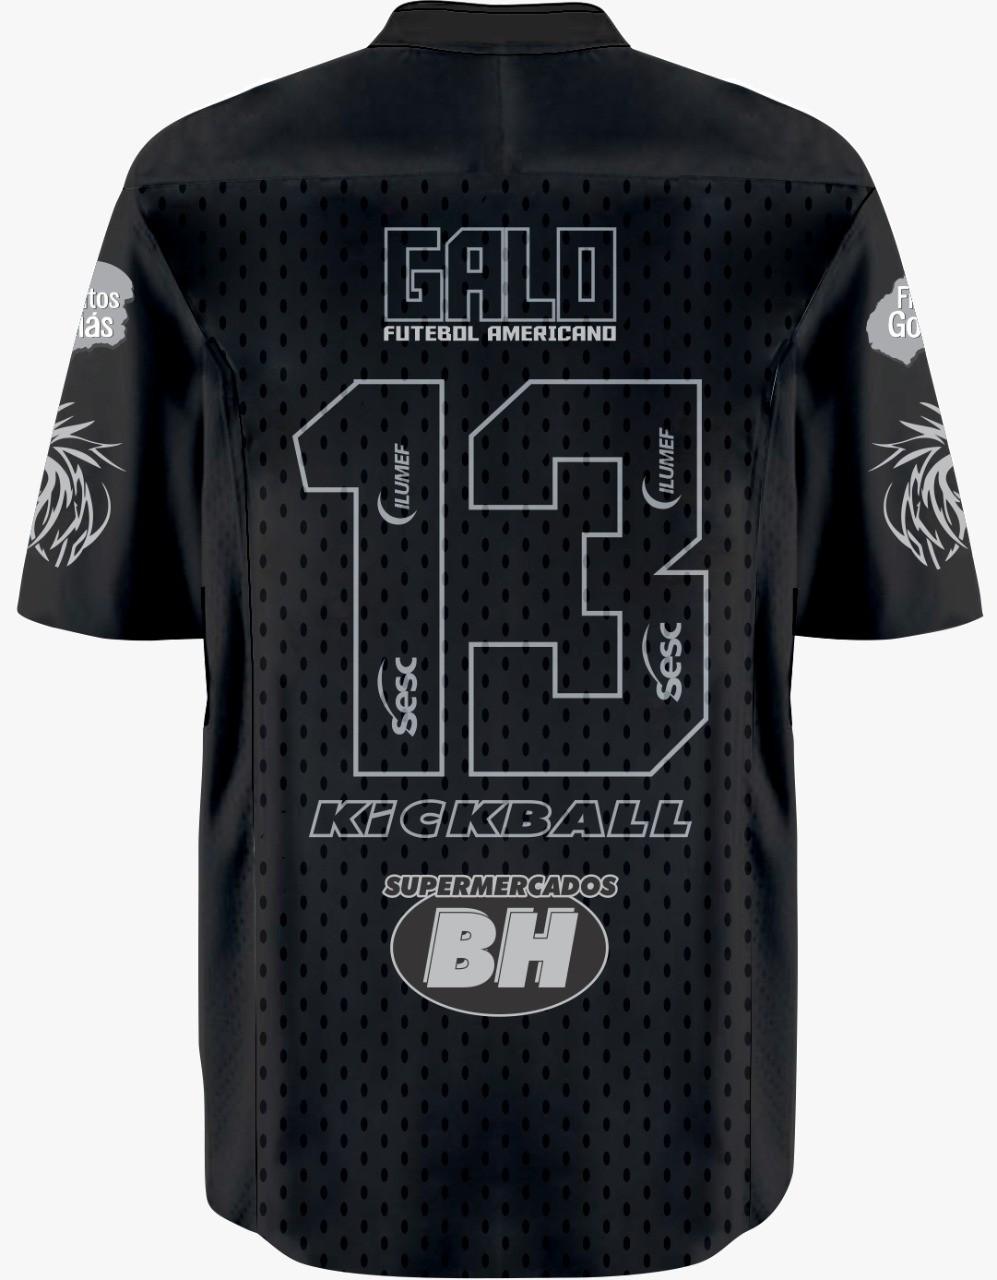 Camisa INFANTIL EDIÇÃO ESPECIAL 3 ANOS Galo FA Jersey Plus c/ Patrocinadores